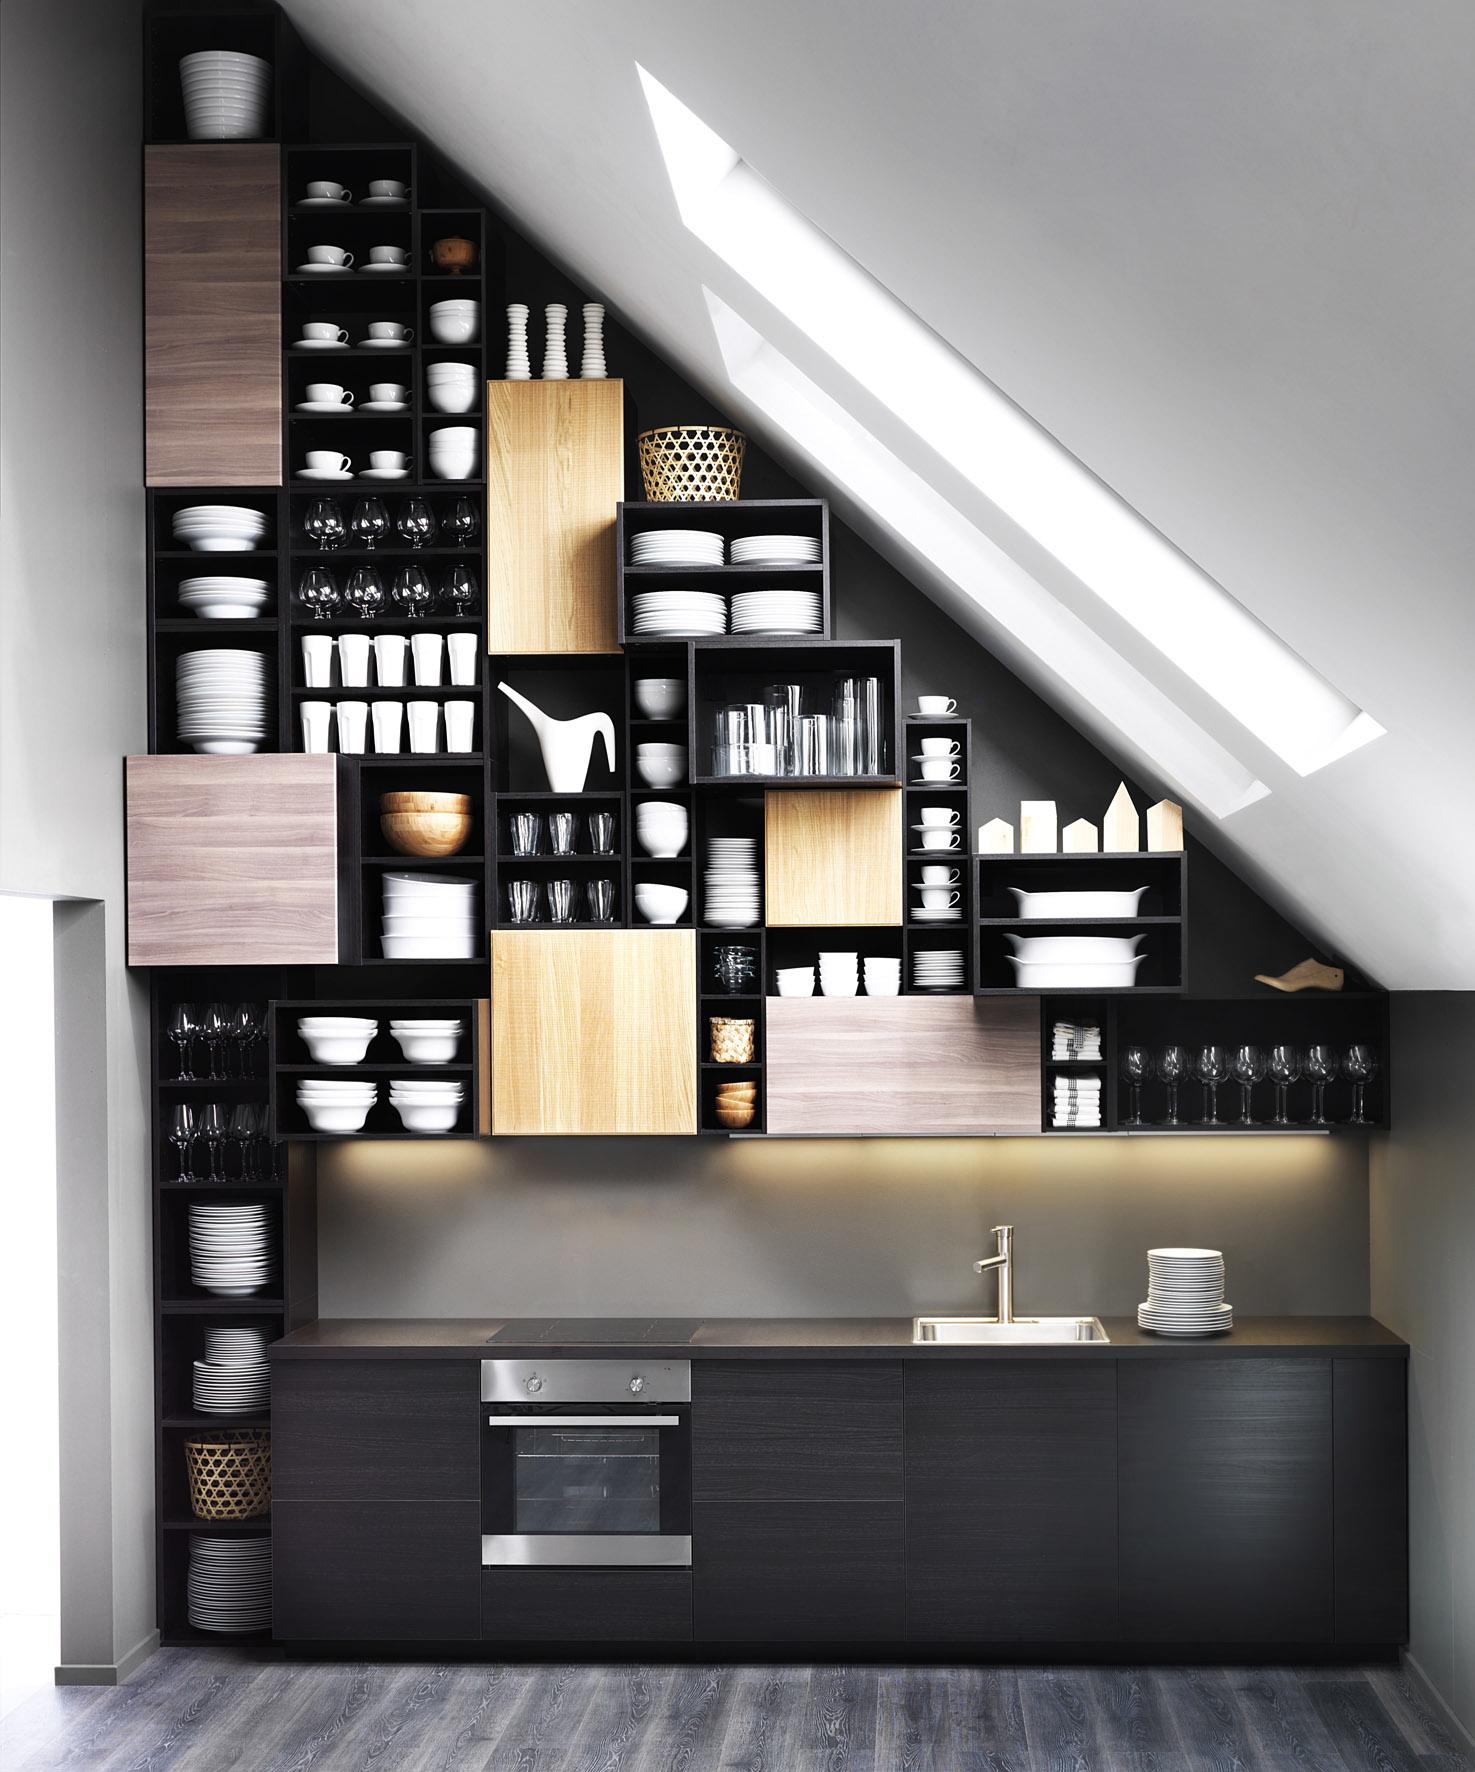 Kleine Keuken Ikea: Keukens van ikea nieuws startpagina voor ...